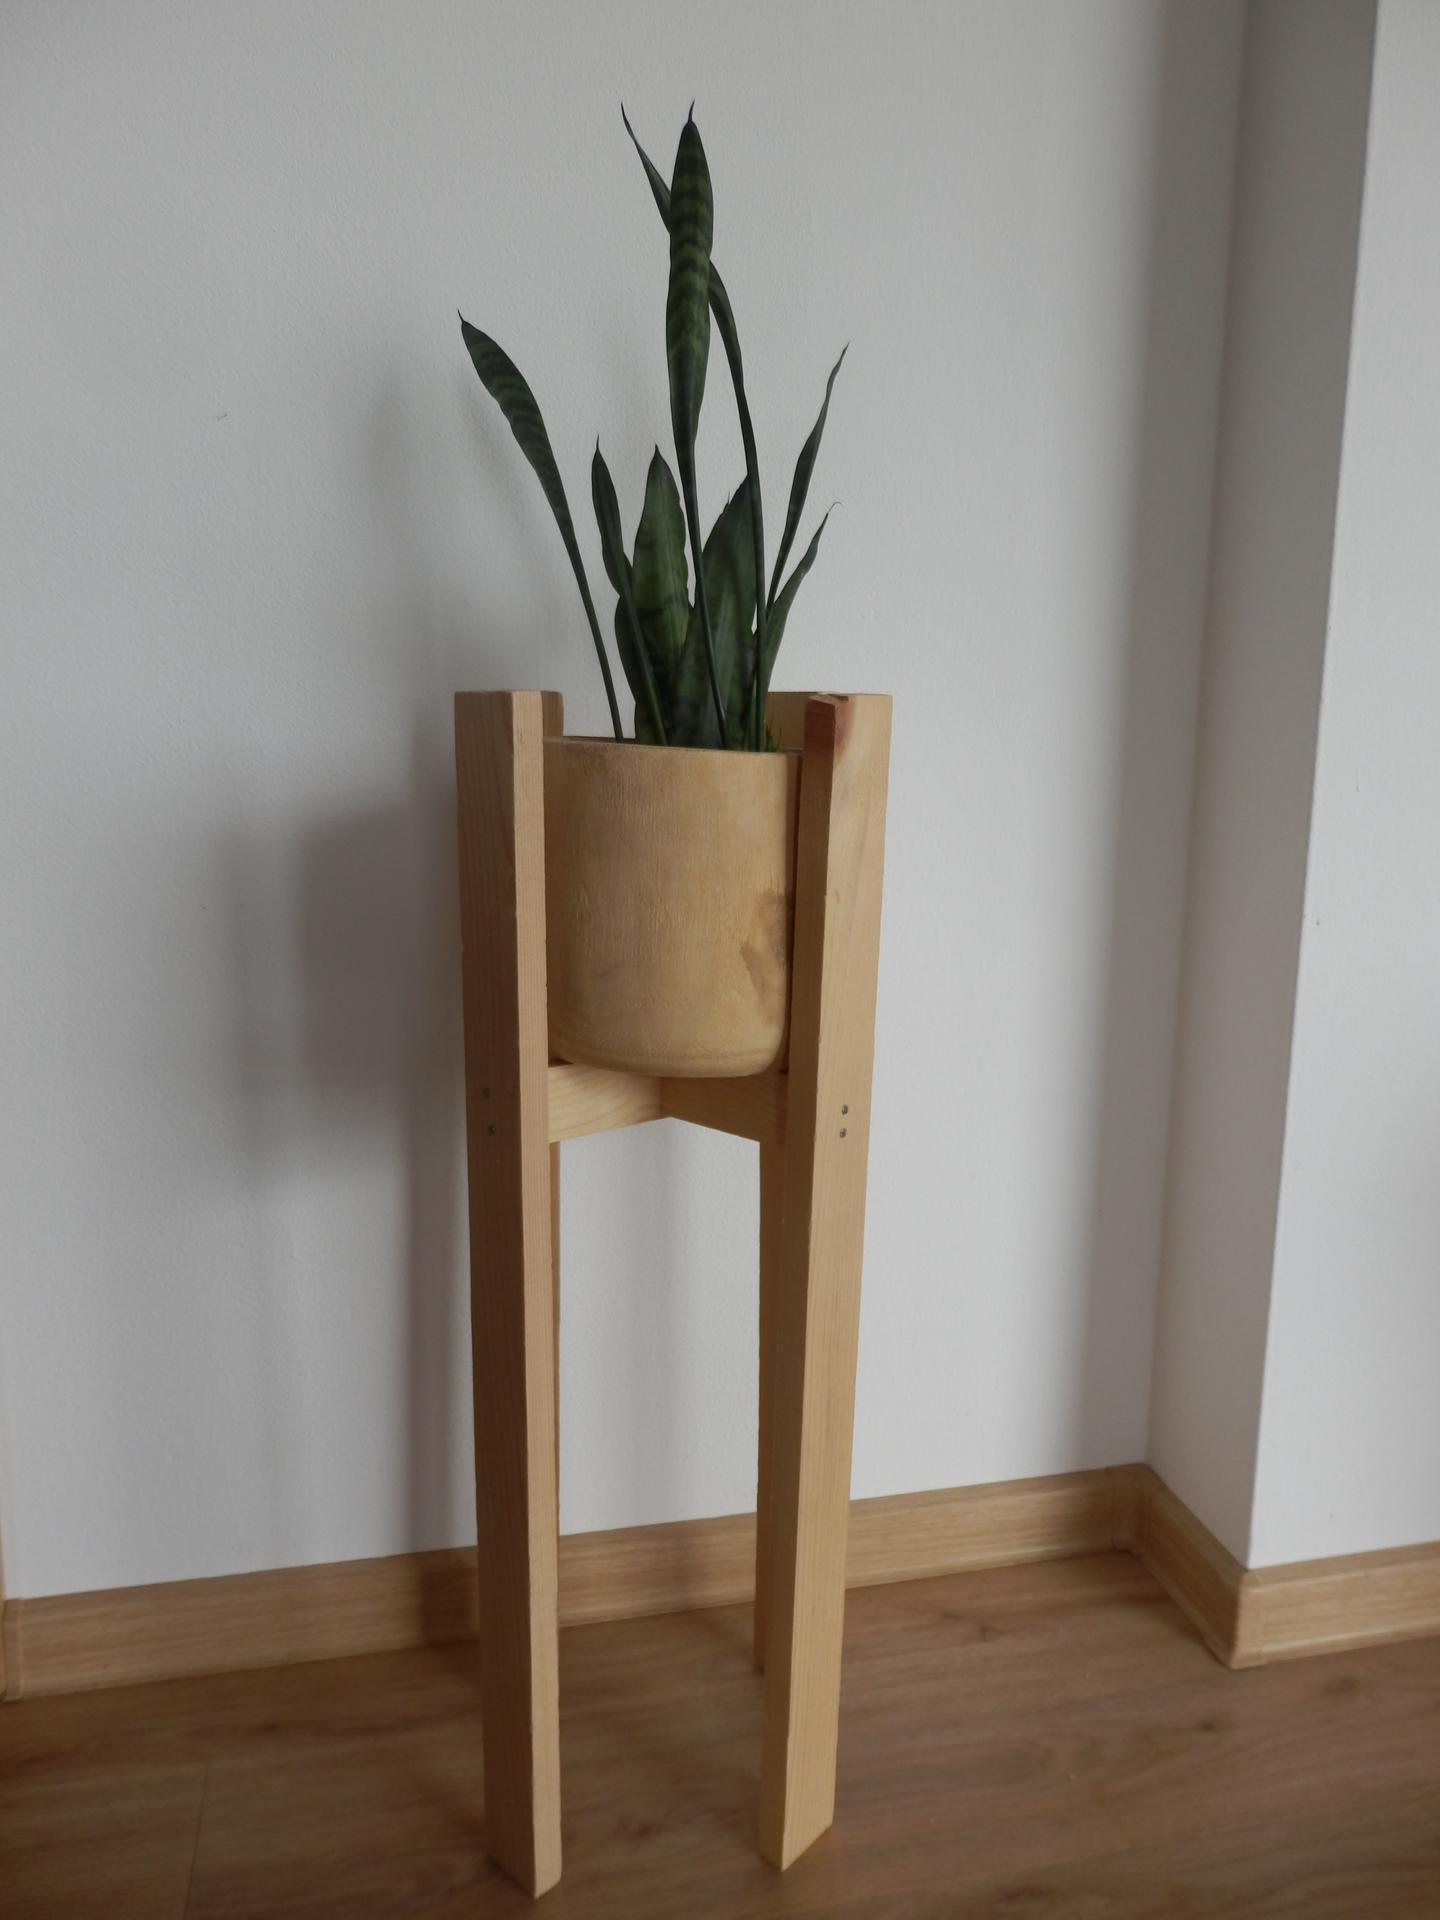 Tvoření je radost - Stojan na květináč stlučený ze zbytkových latí. Květináč koupený.